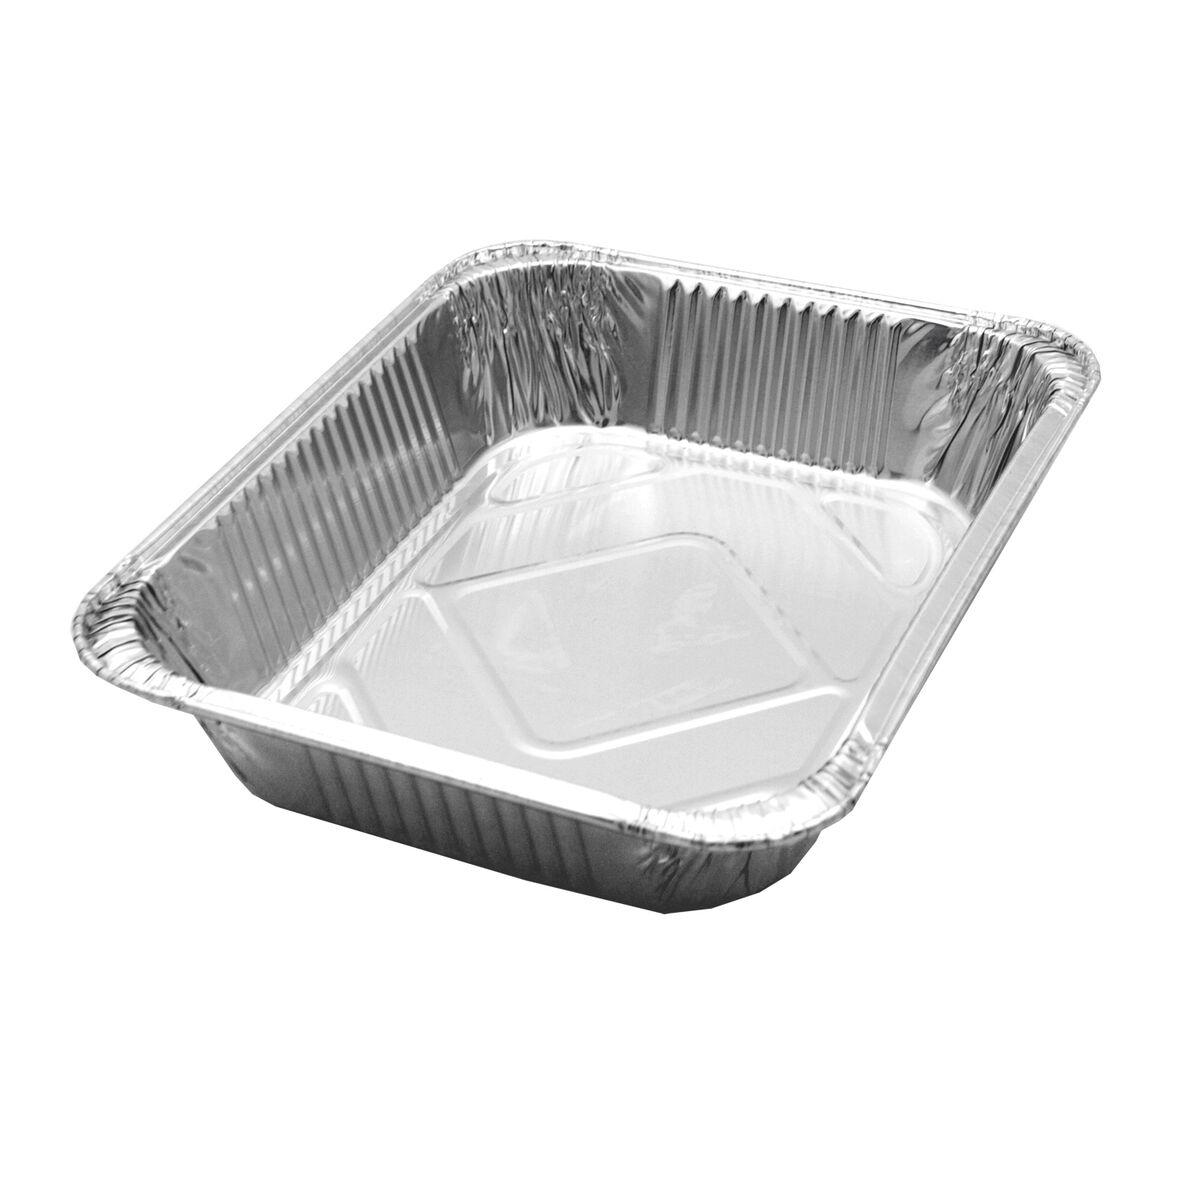 Aluminum Foil Pans & Lids